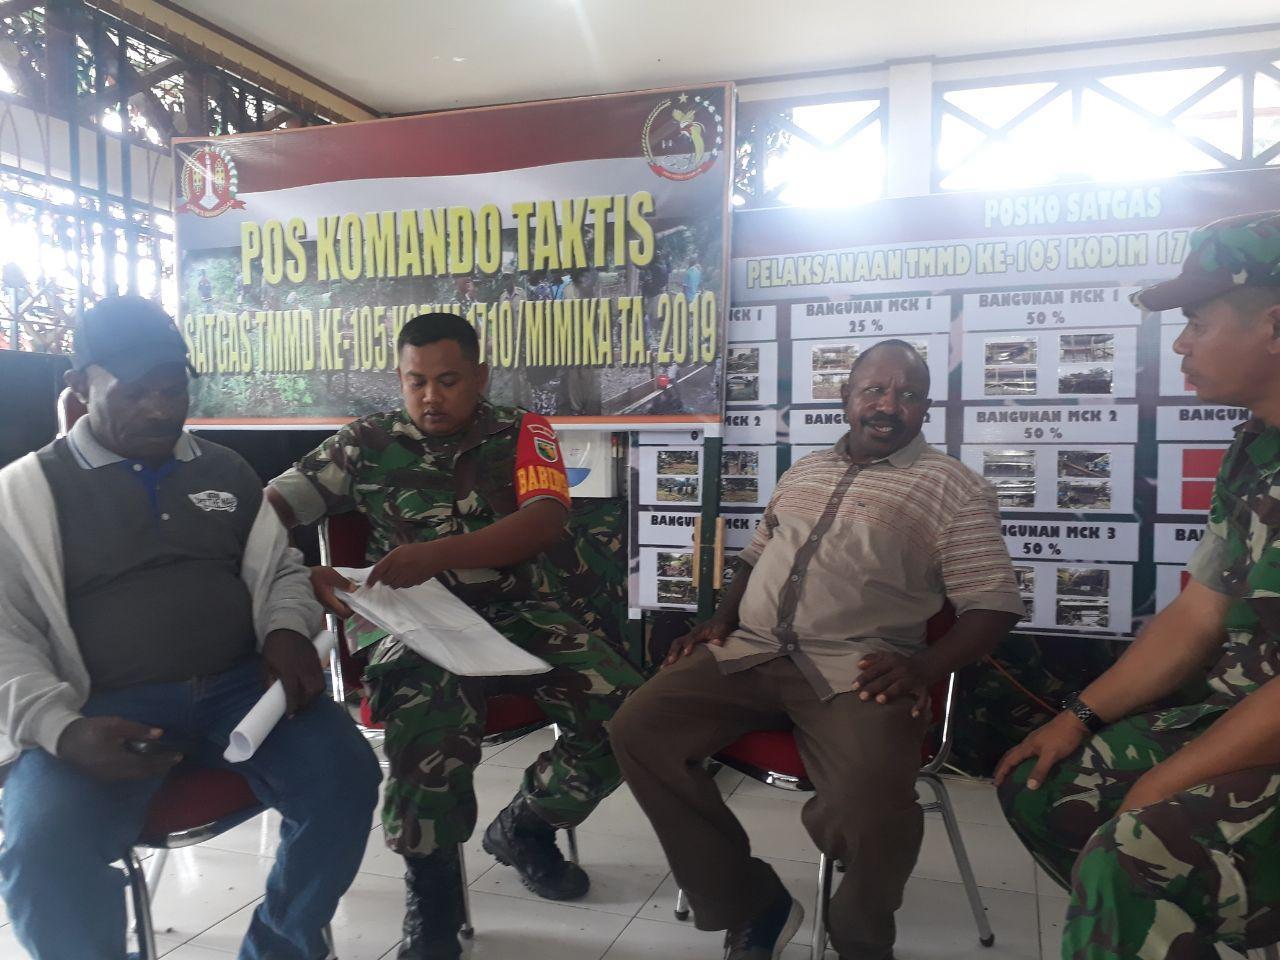 Peran Babinsa Serka Ahmad Mukip Dalam Pembangunan Kampung MJ Oleh TMMD ke-105